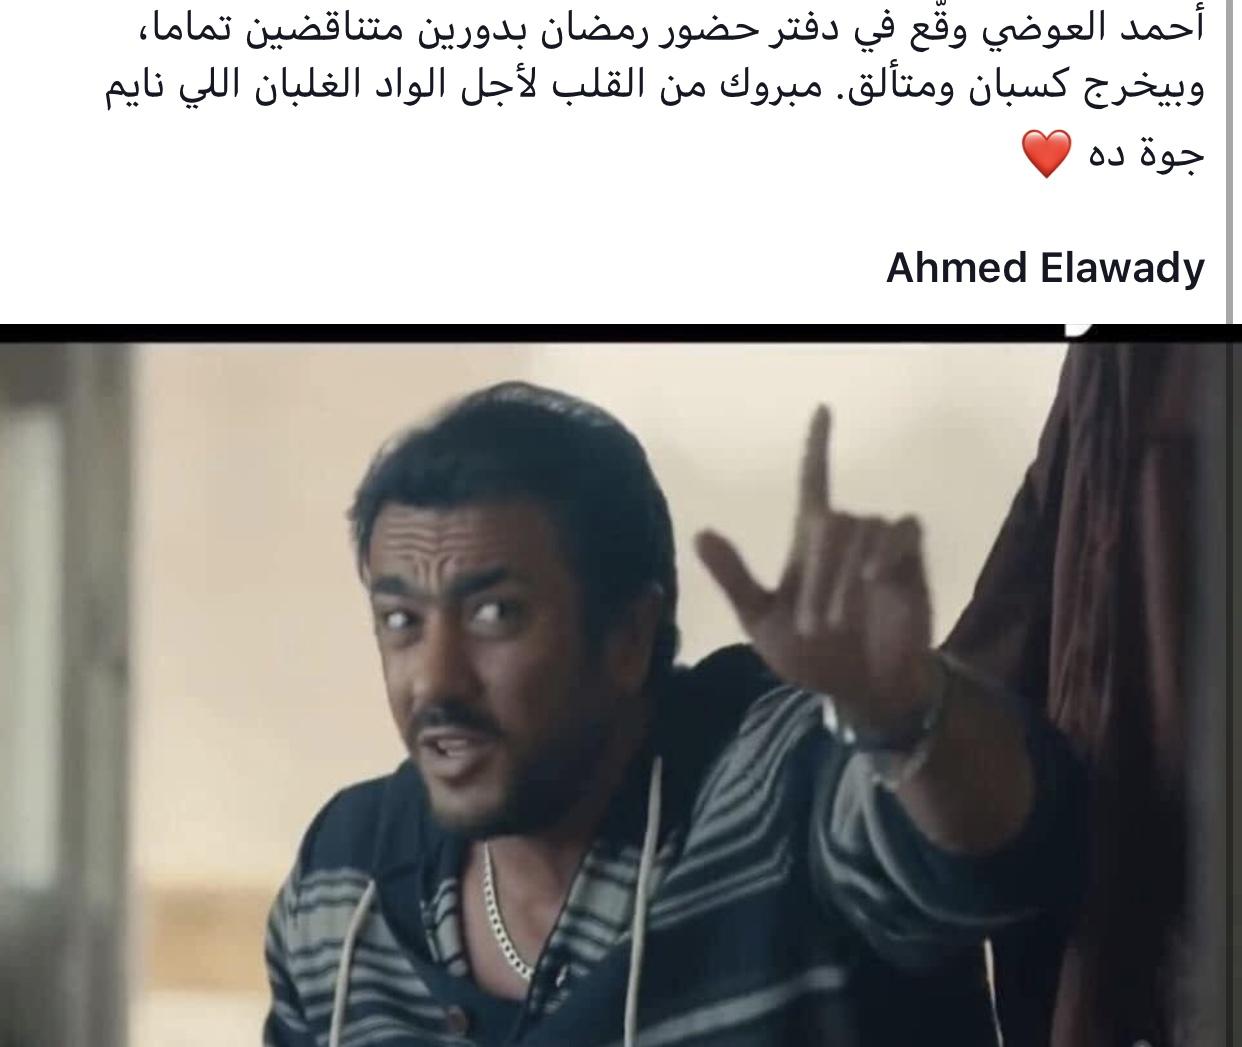 Ahmeds